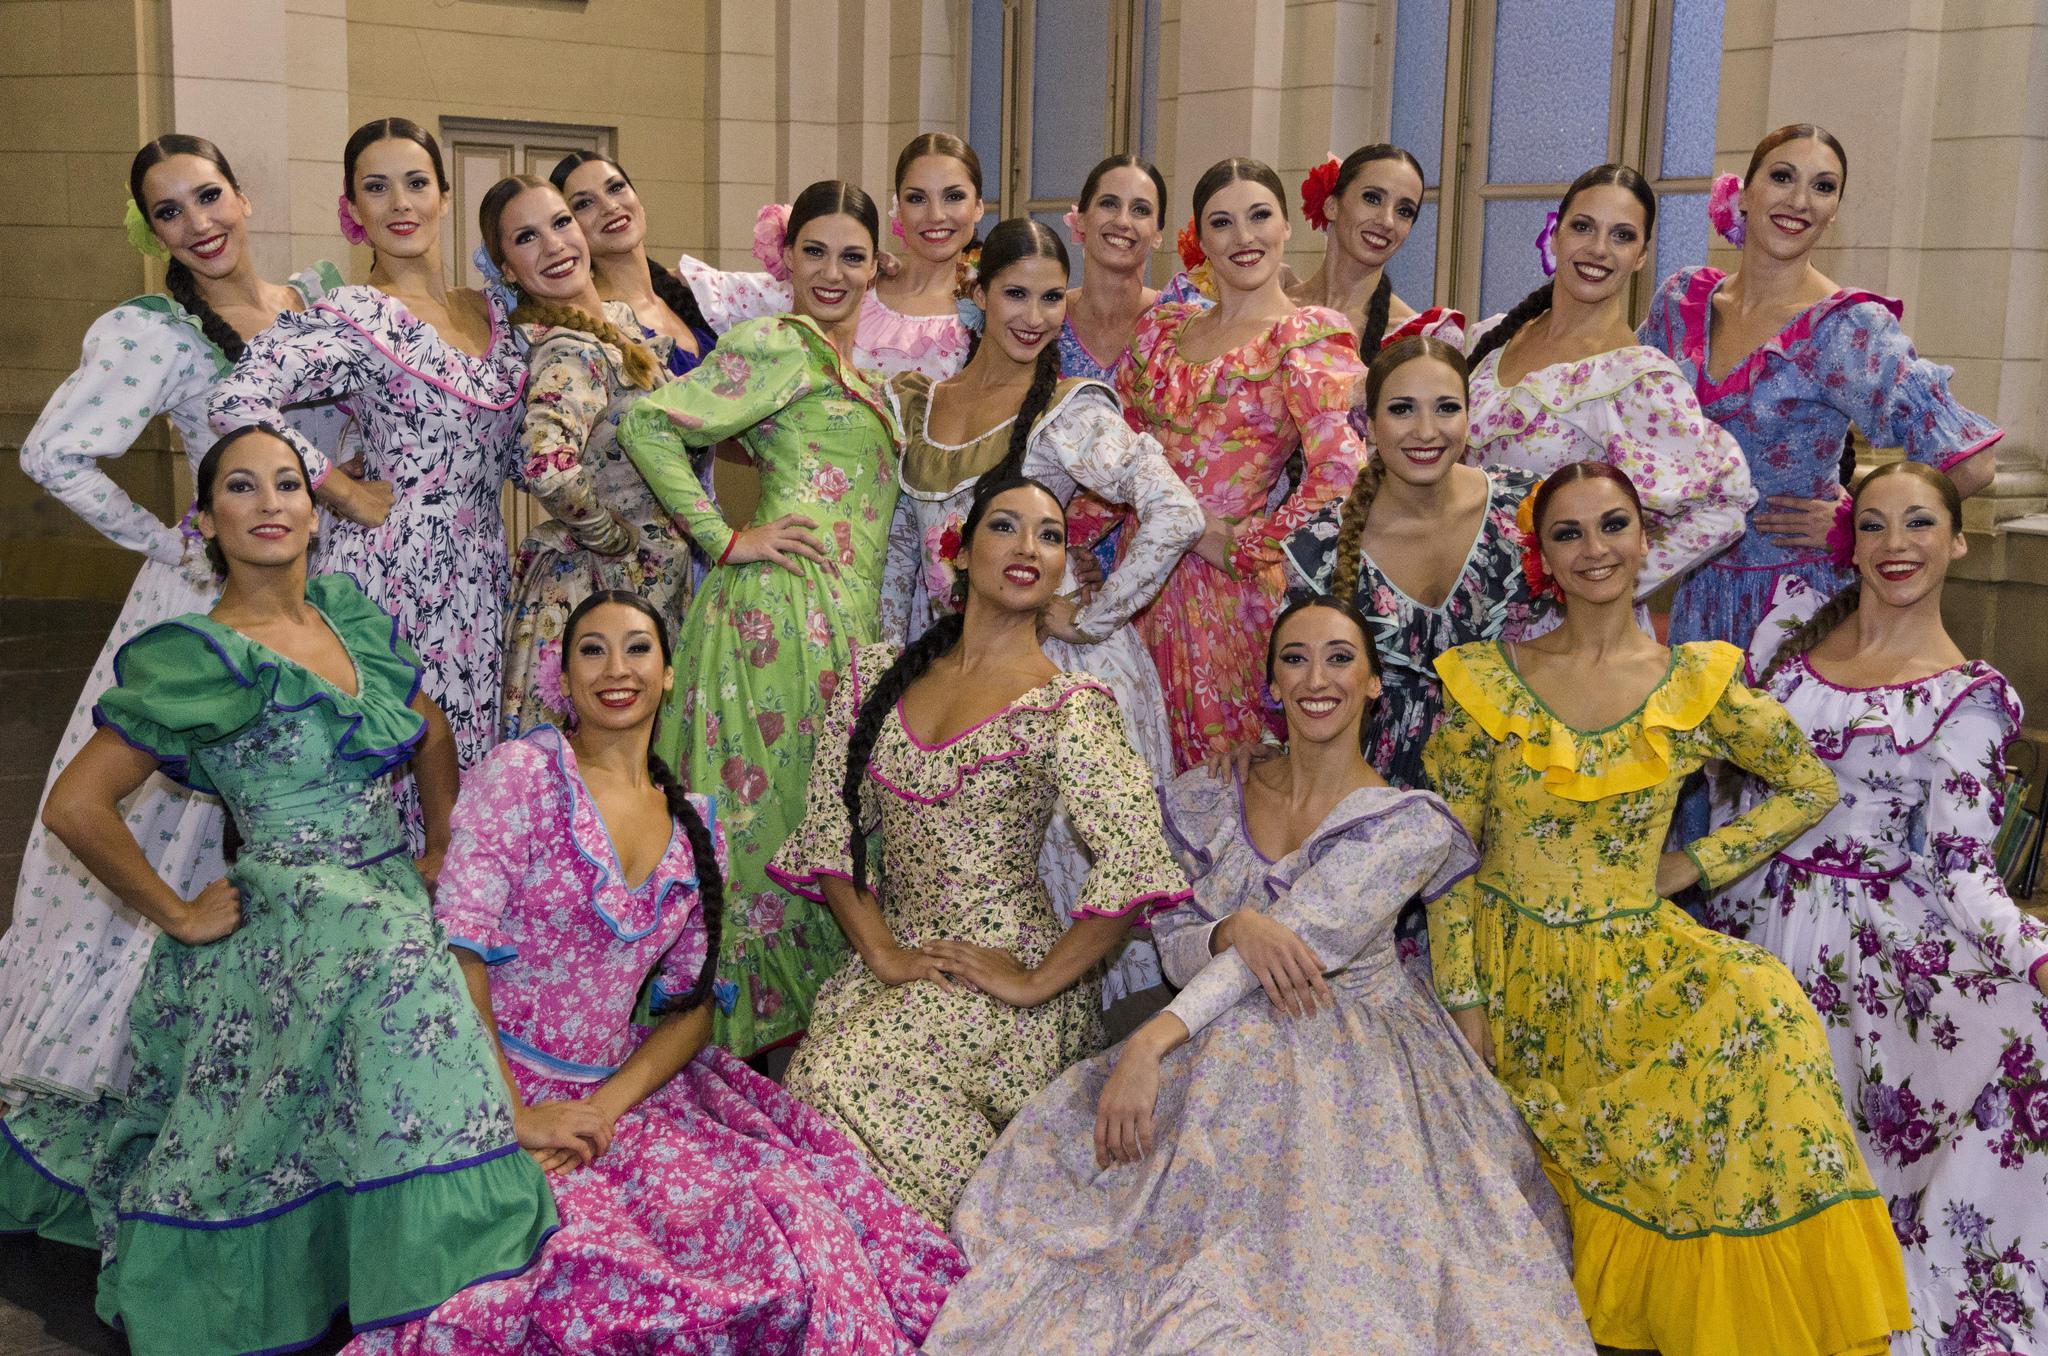 Las chicas del Ballet Folklórico Nacional. Foto: Ministerio de Cultura de la Nación.